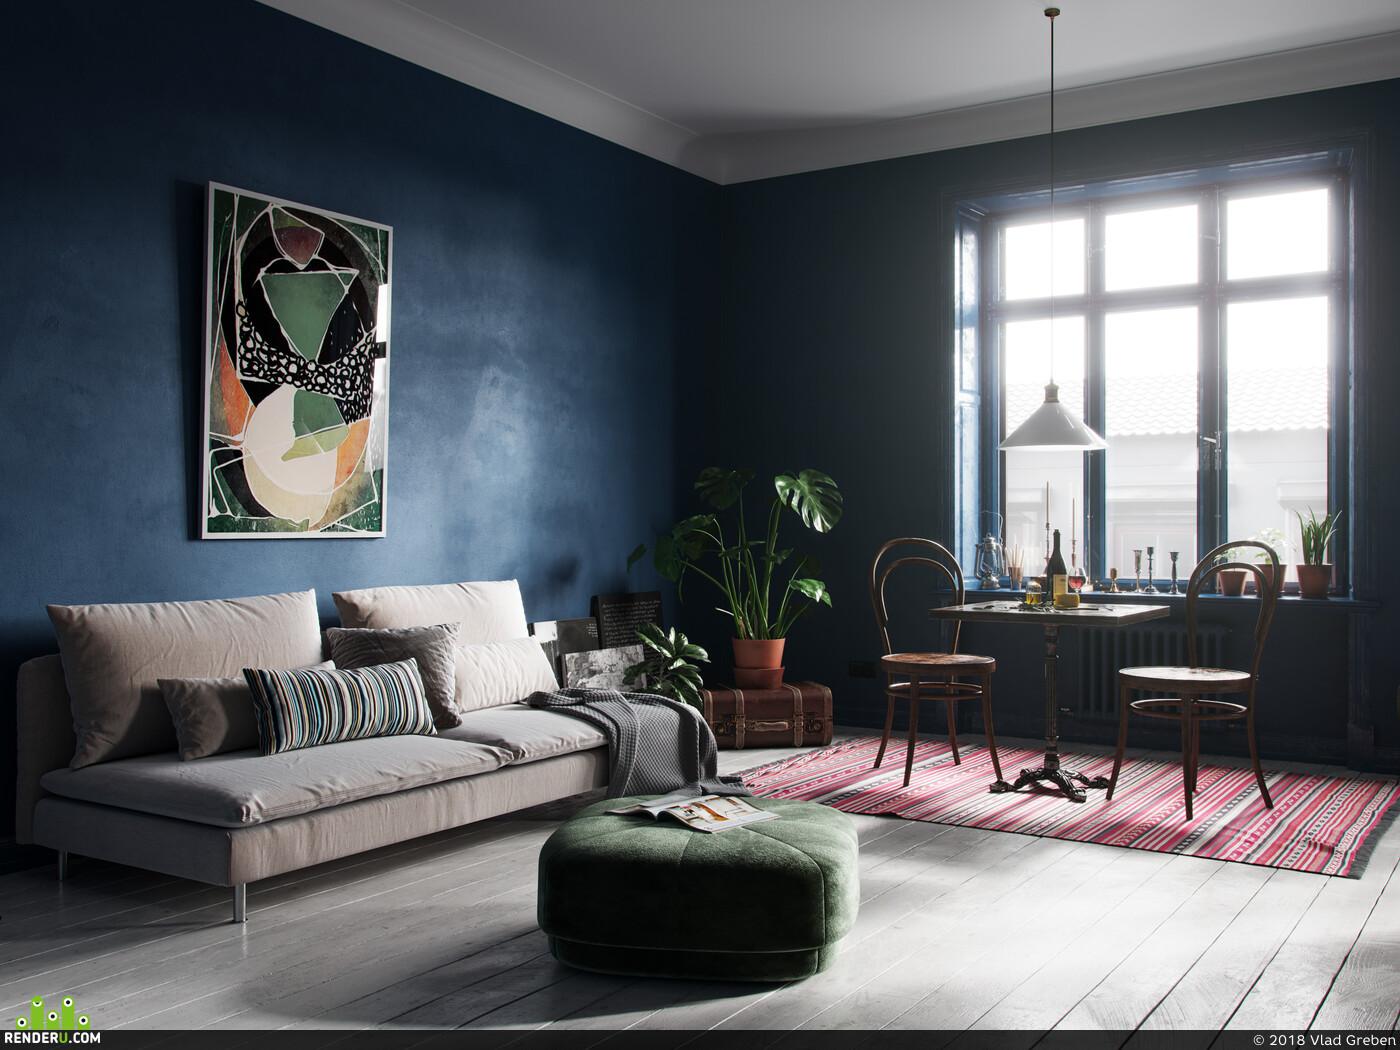 Cinema4D, Corona Renderer, scandinavian, interior, blue